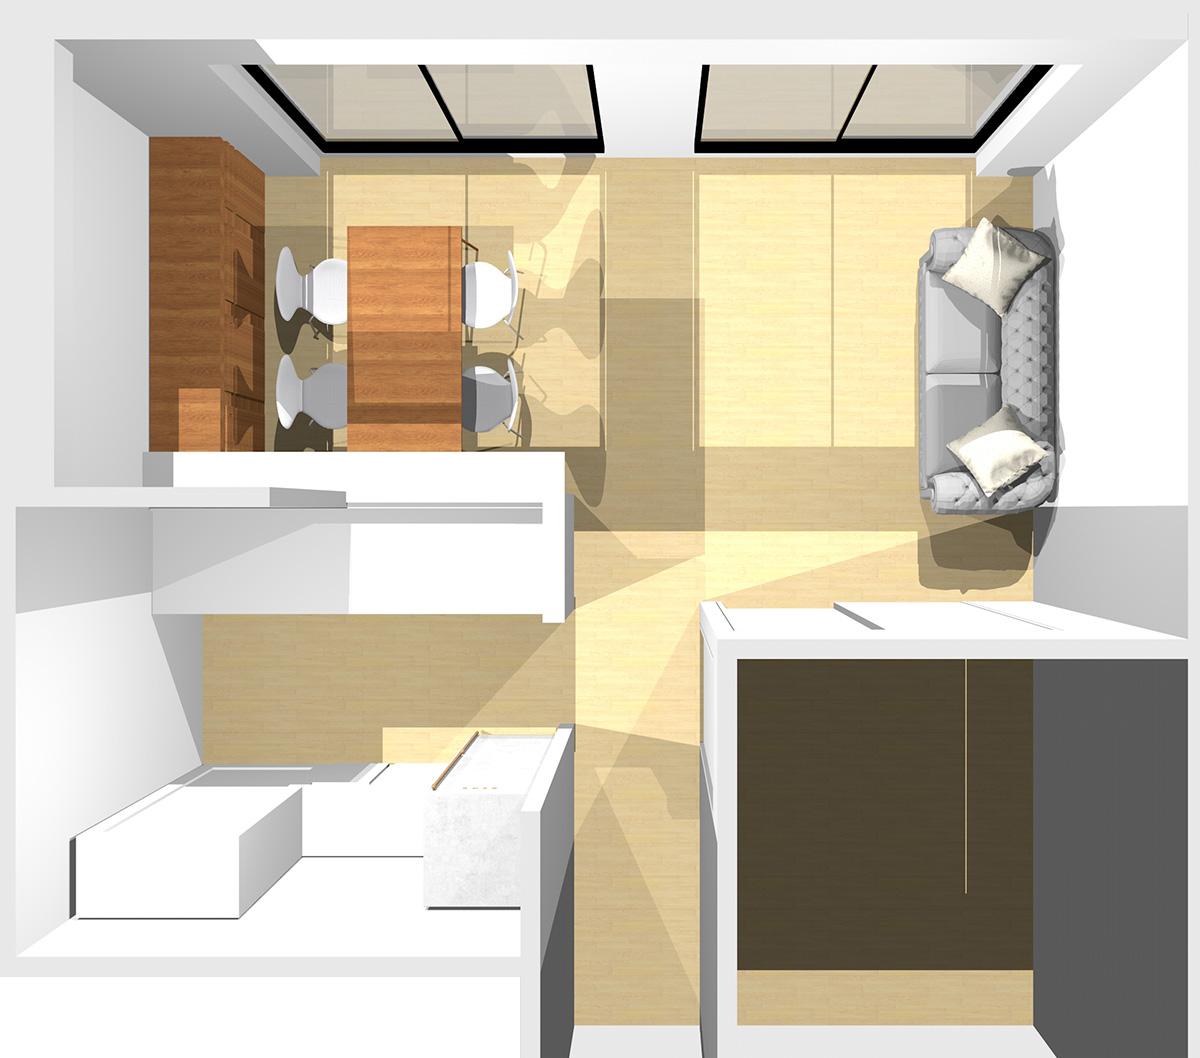 短い壁を背にI型ソファと収納家具